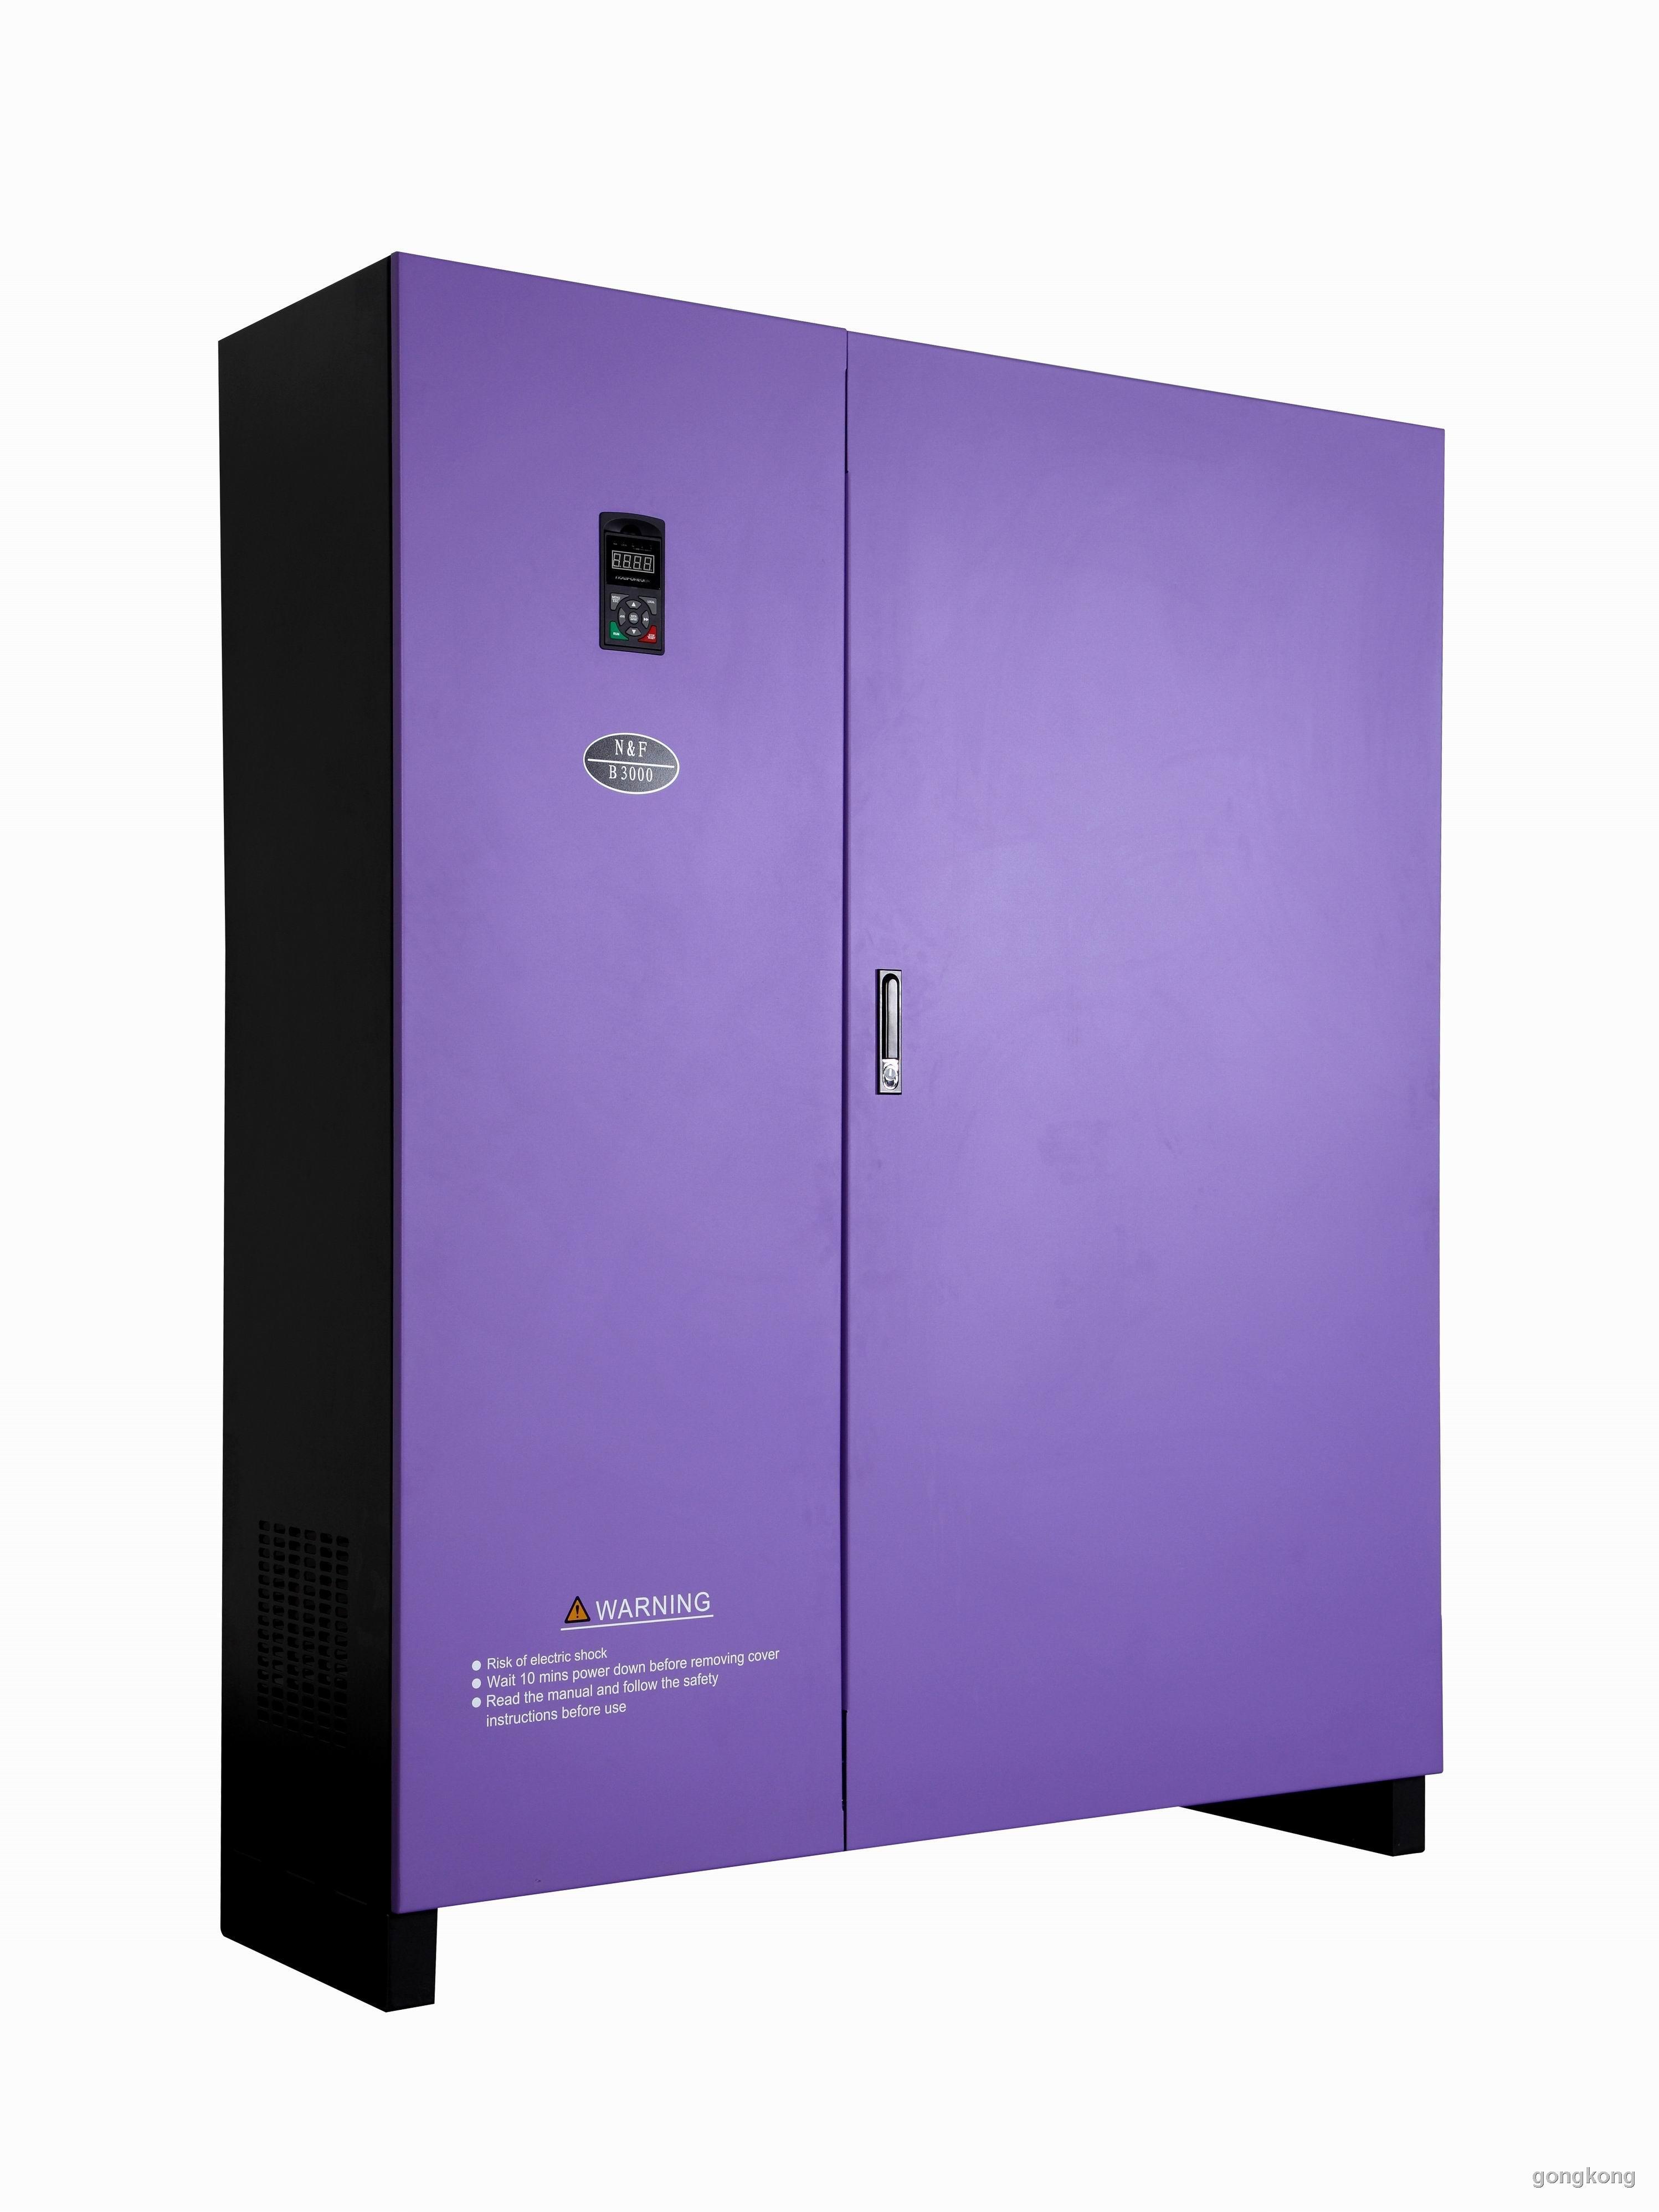 南方安華 B3000系列(630~1000 kW)變頻器